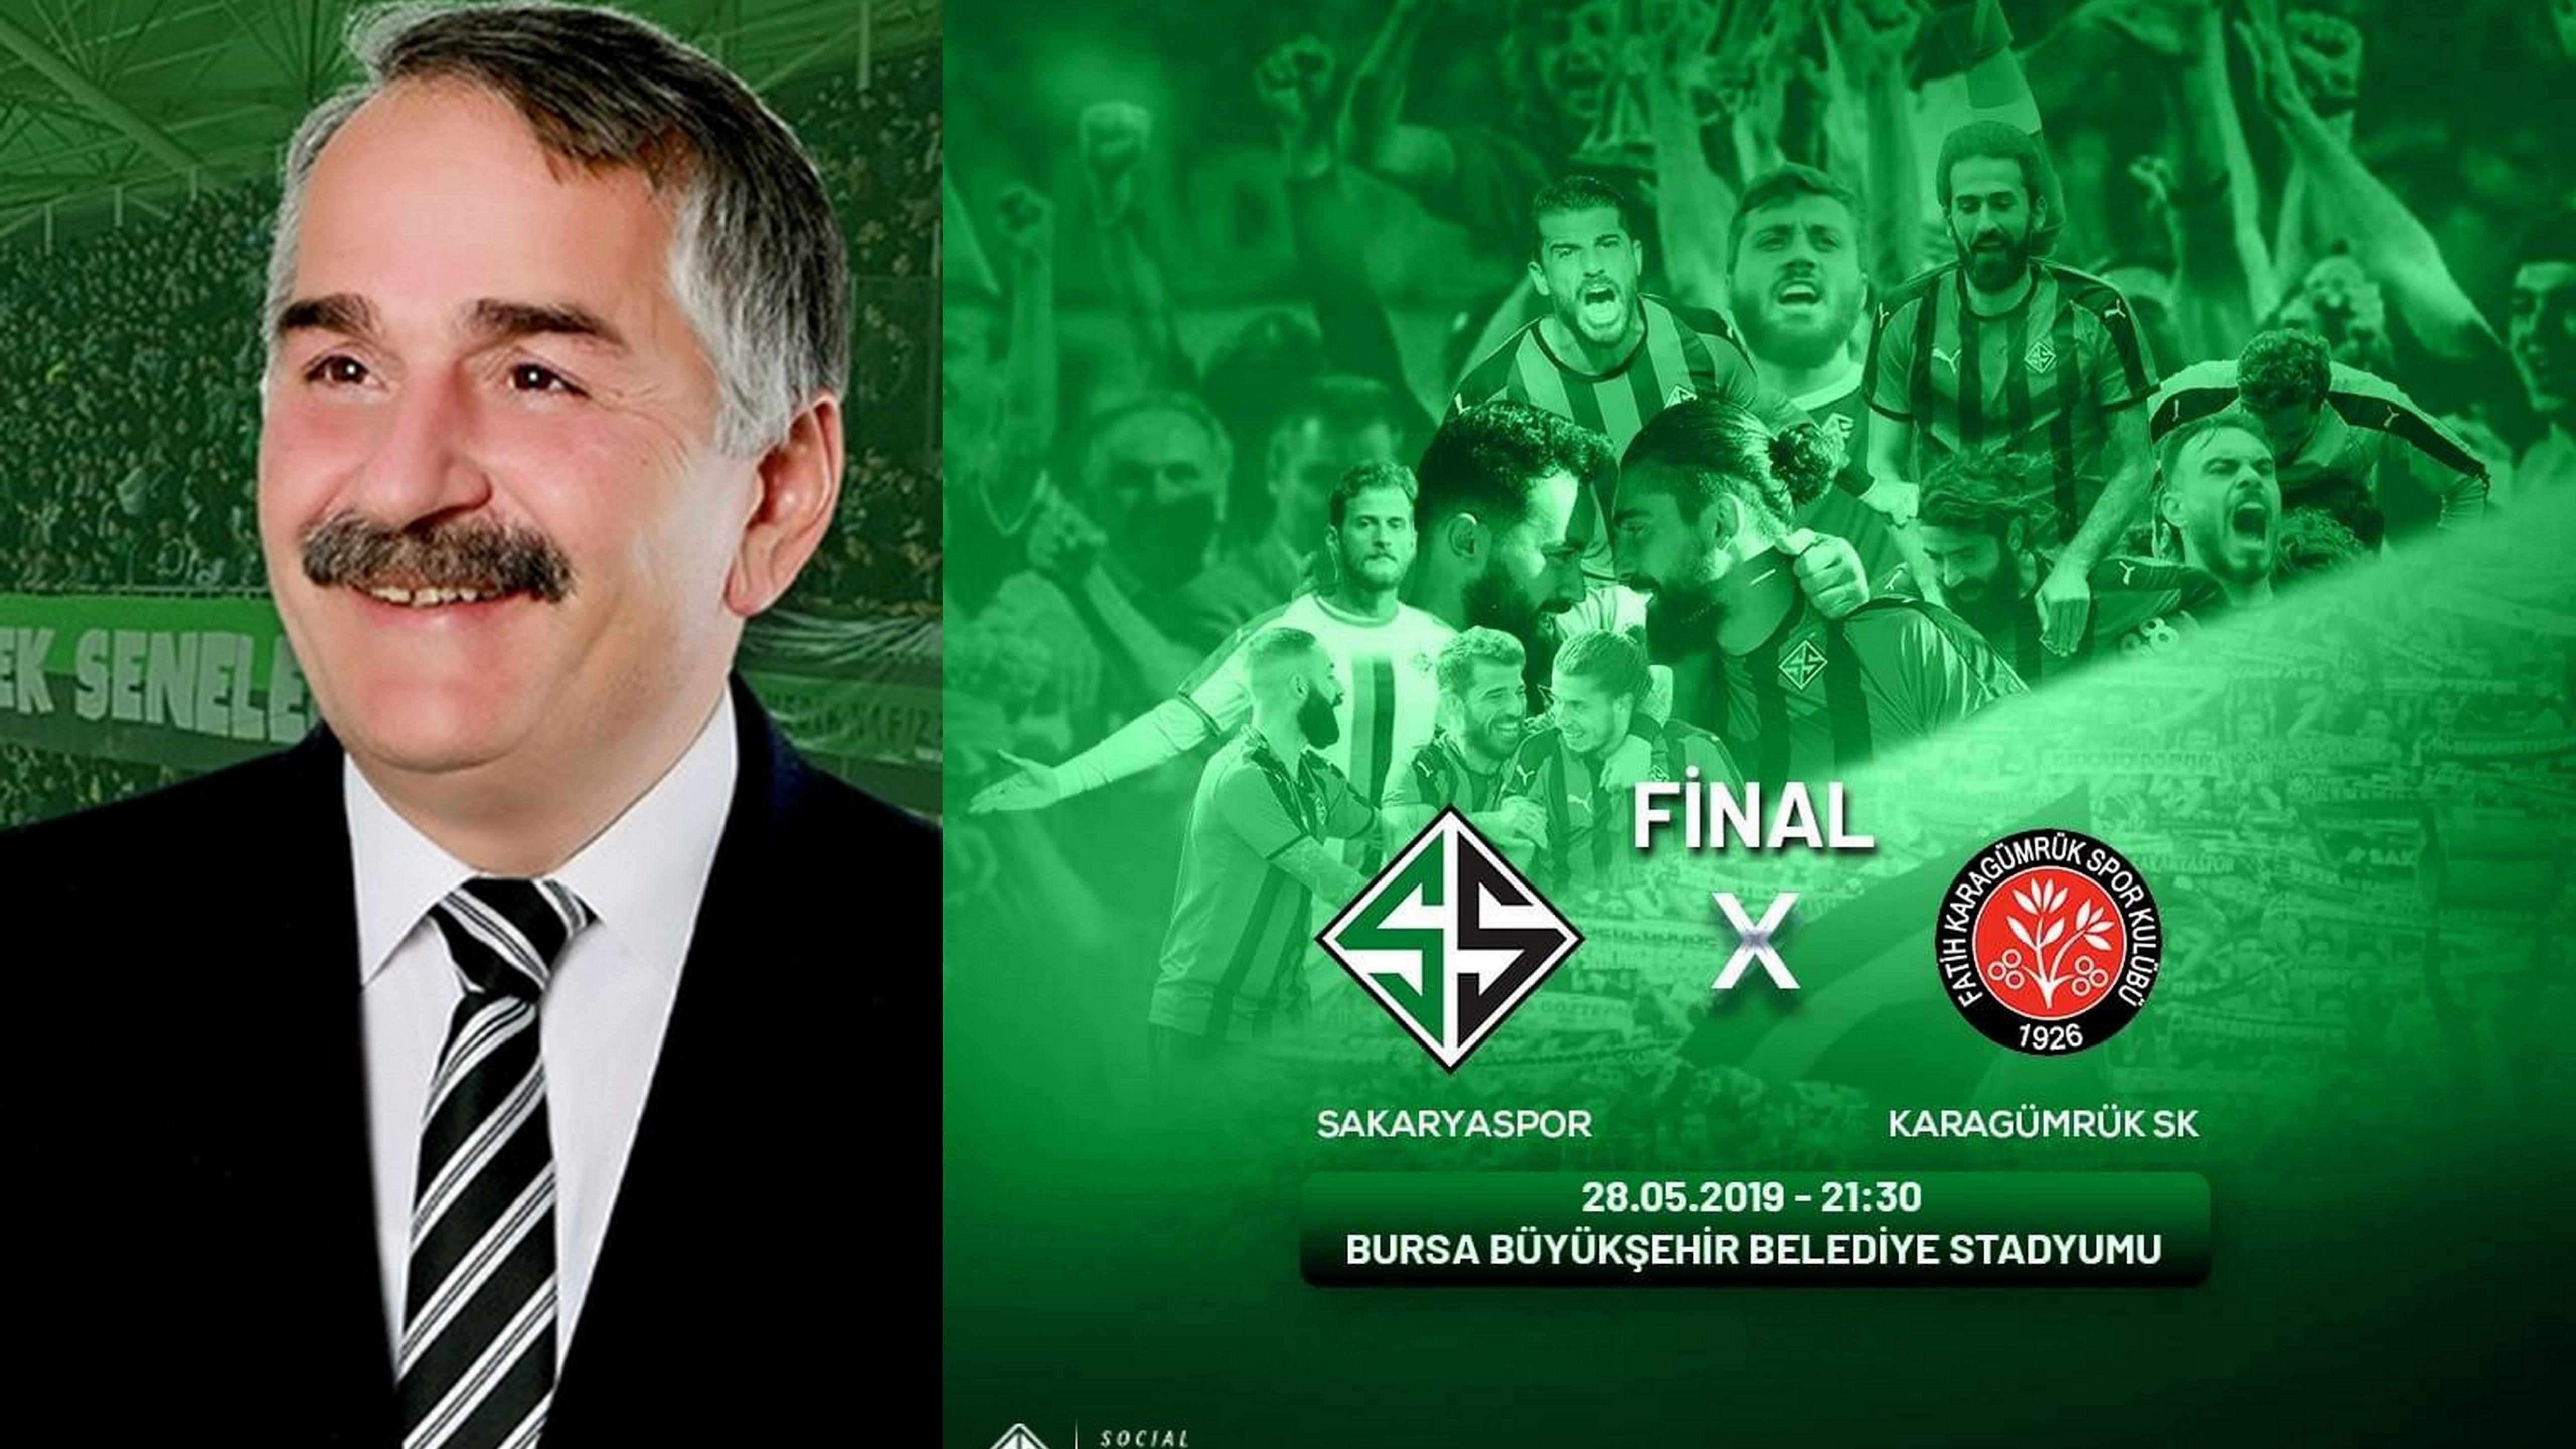 Başkan Karakallukçu Sakaryaspor'a Başarı diledi